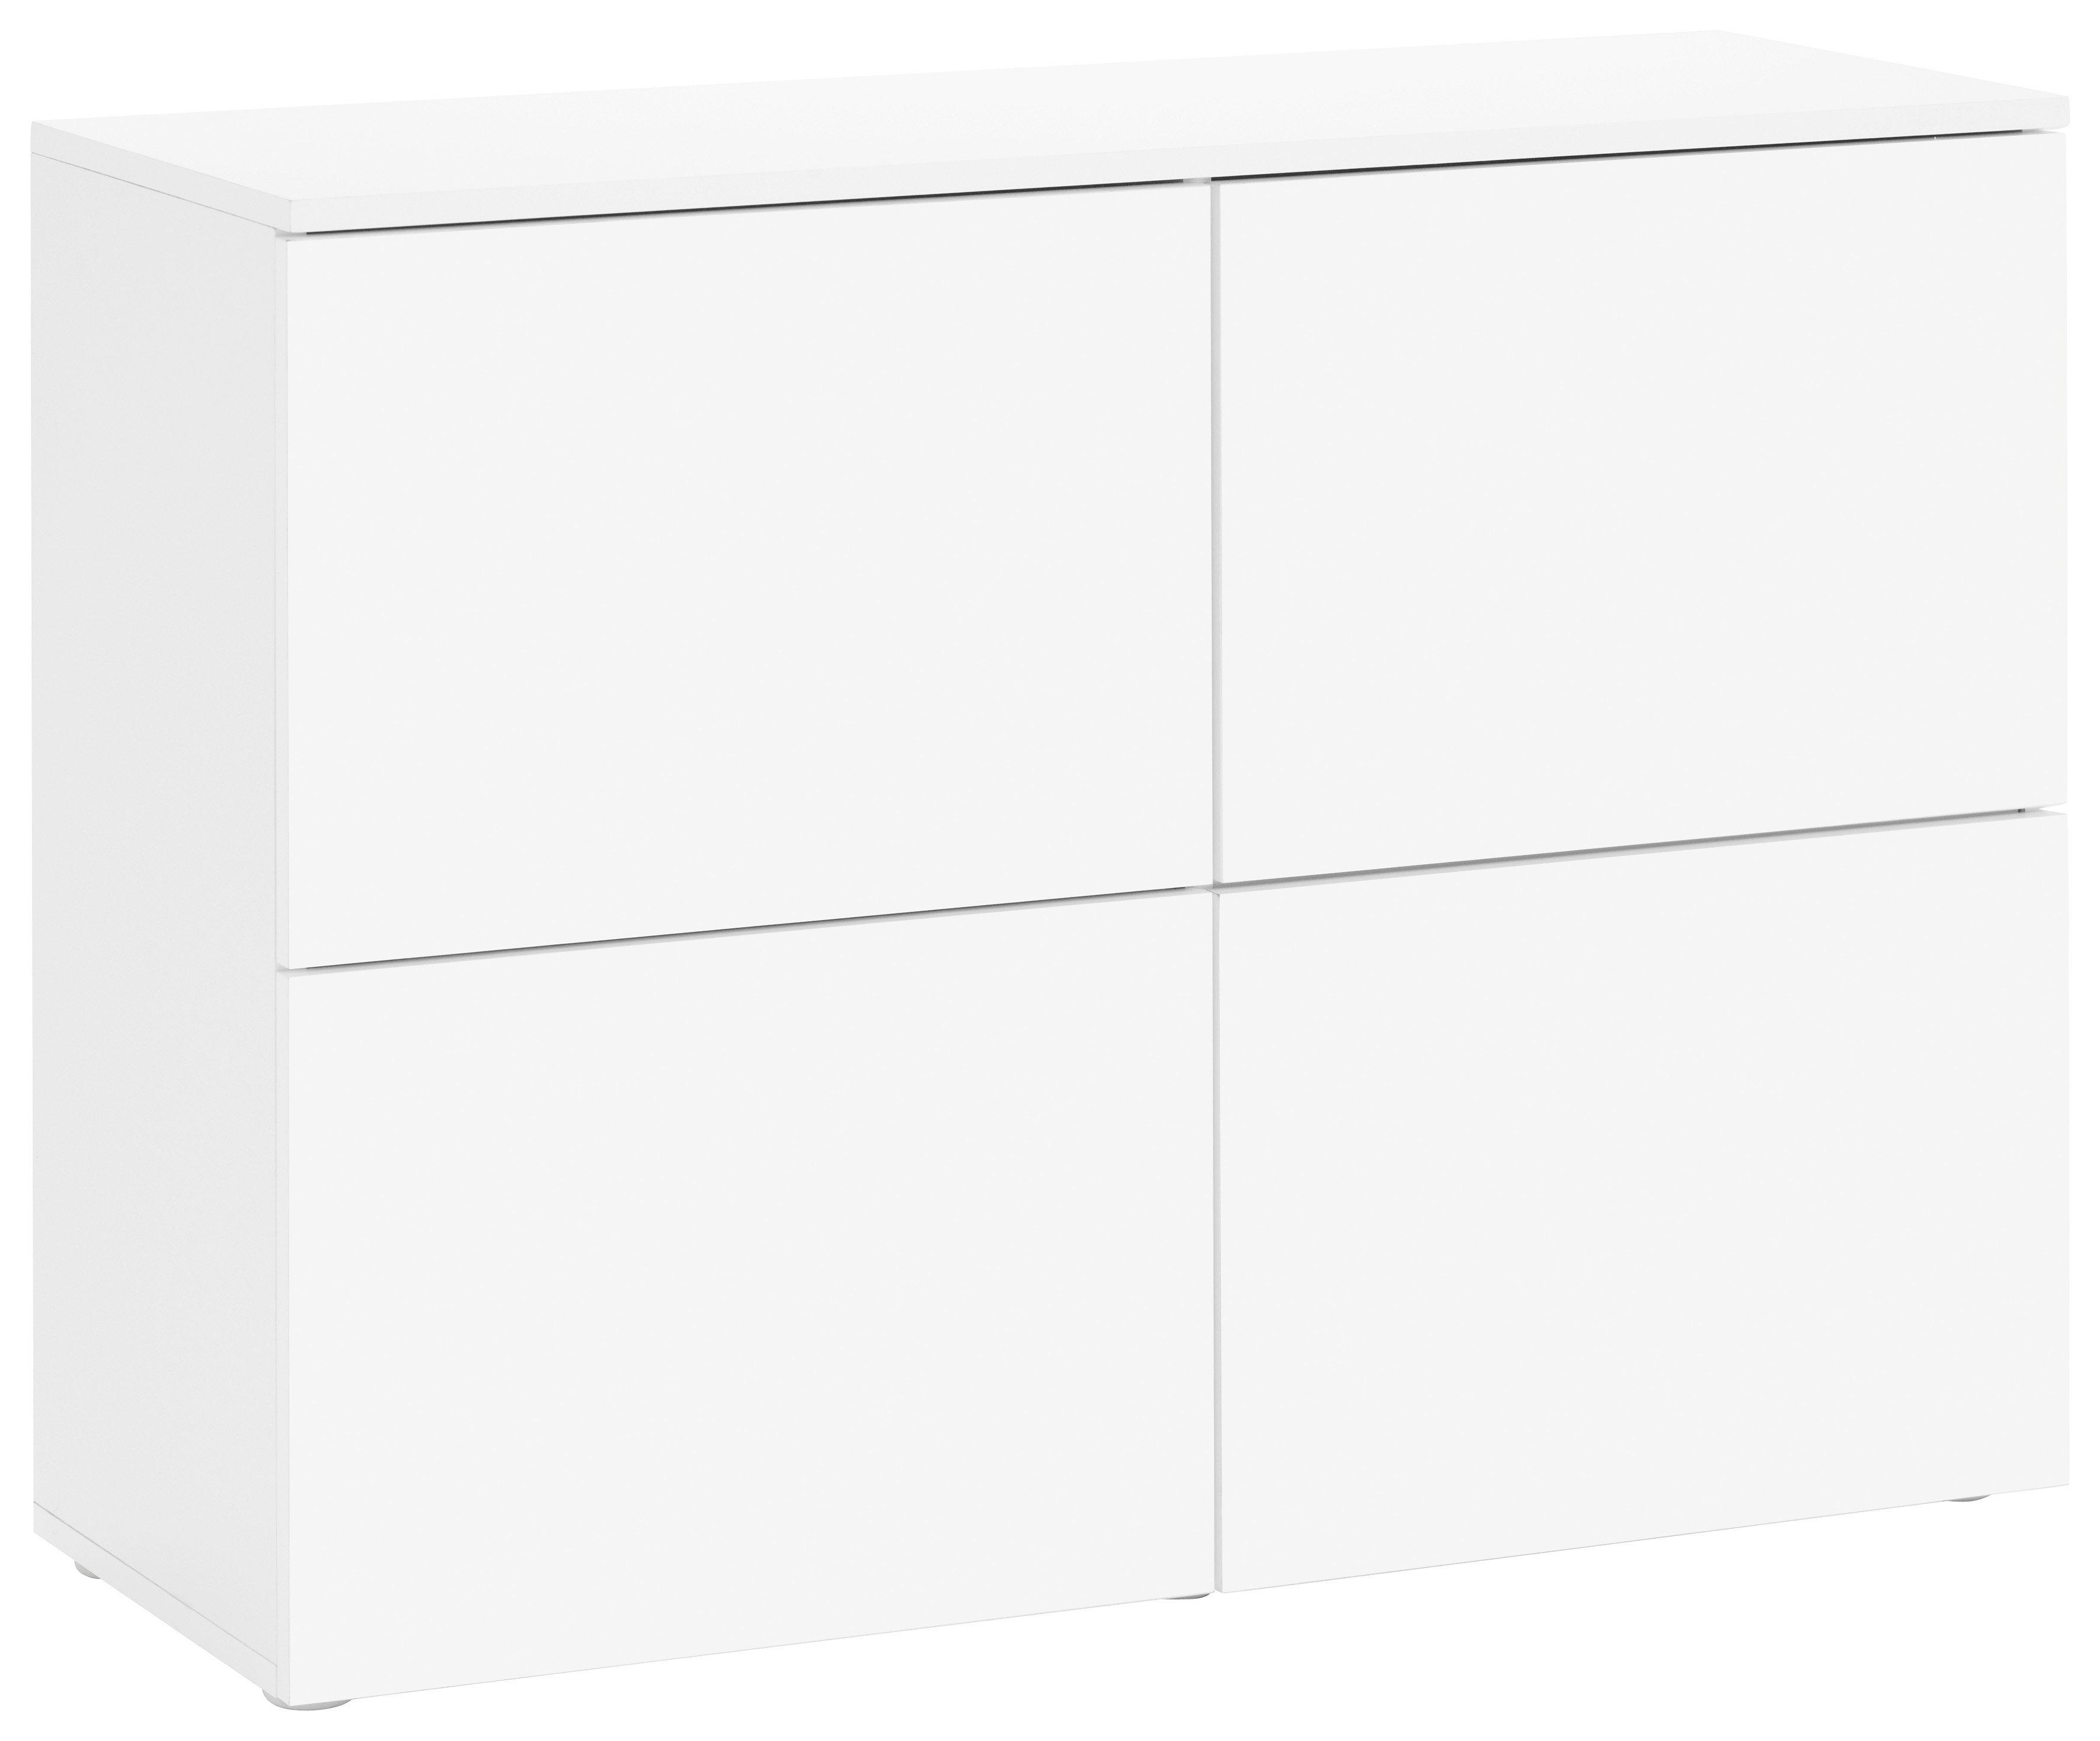 Borchardt Möbel Kast Rova breedte 93 cm bij OTTO online kopen